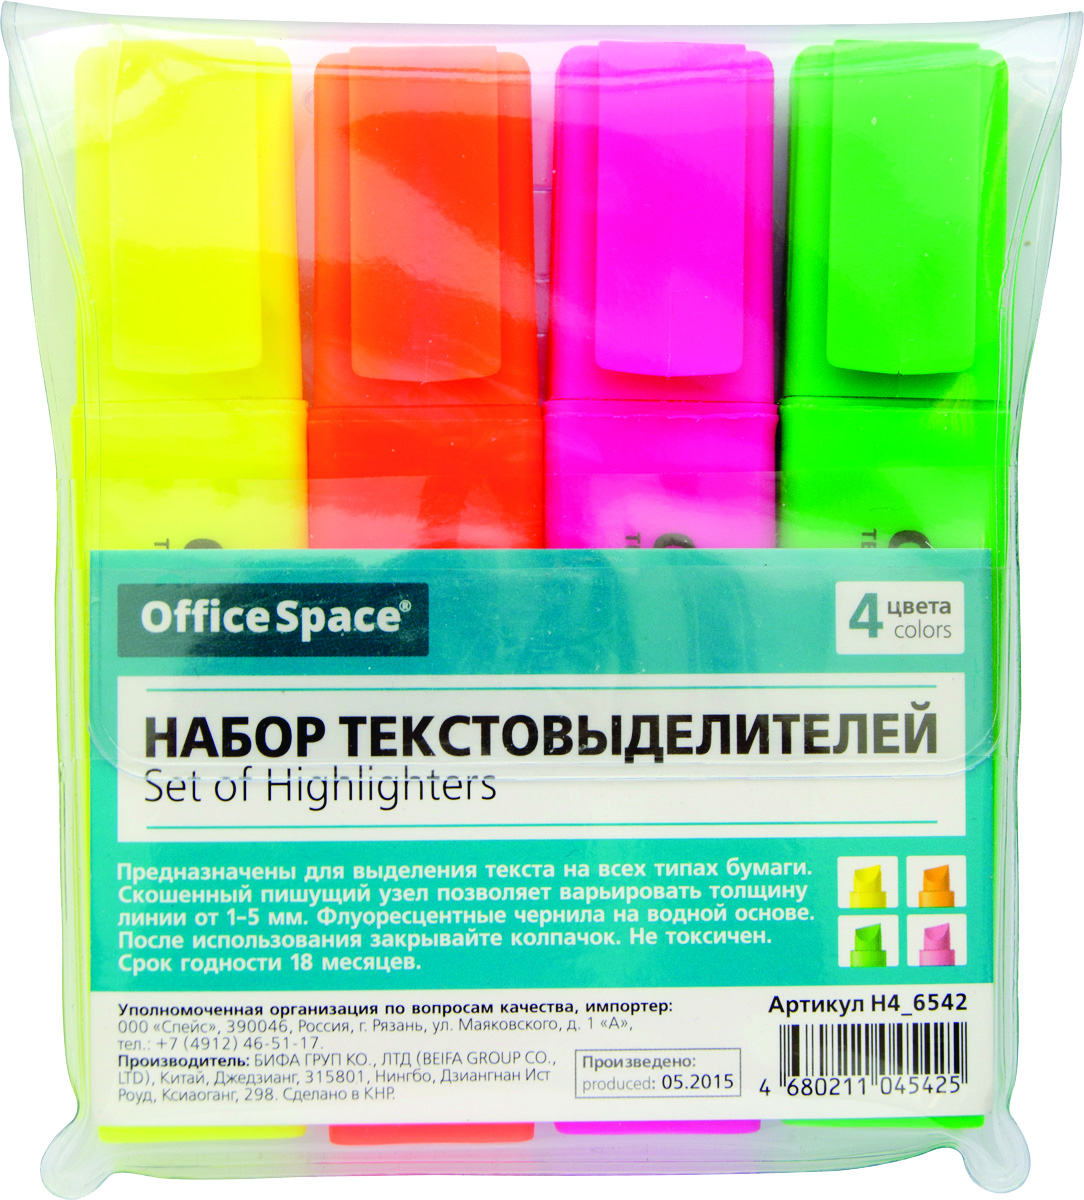 OfficeSpace Набор текстовыделителей 4 цвета H4_654272523WDНабор текстовыделителей OfficeSpace предназначен для выделения текста на всех типах бумаги. Толщина линии 1-4 мм. Флуоресцентные чернила на водной основе. Набор упакован в ПВХ чехол. В наборе 4 цвета: желтый, оранжевый, розовый, зеленый. Хранить с закрытым колпачком.